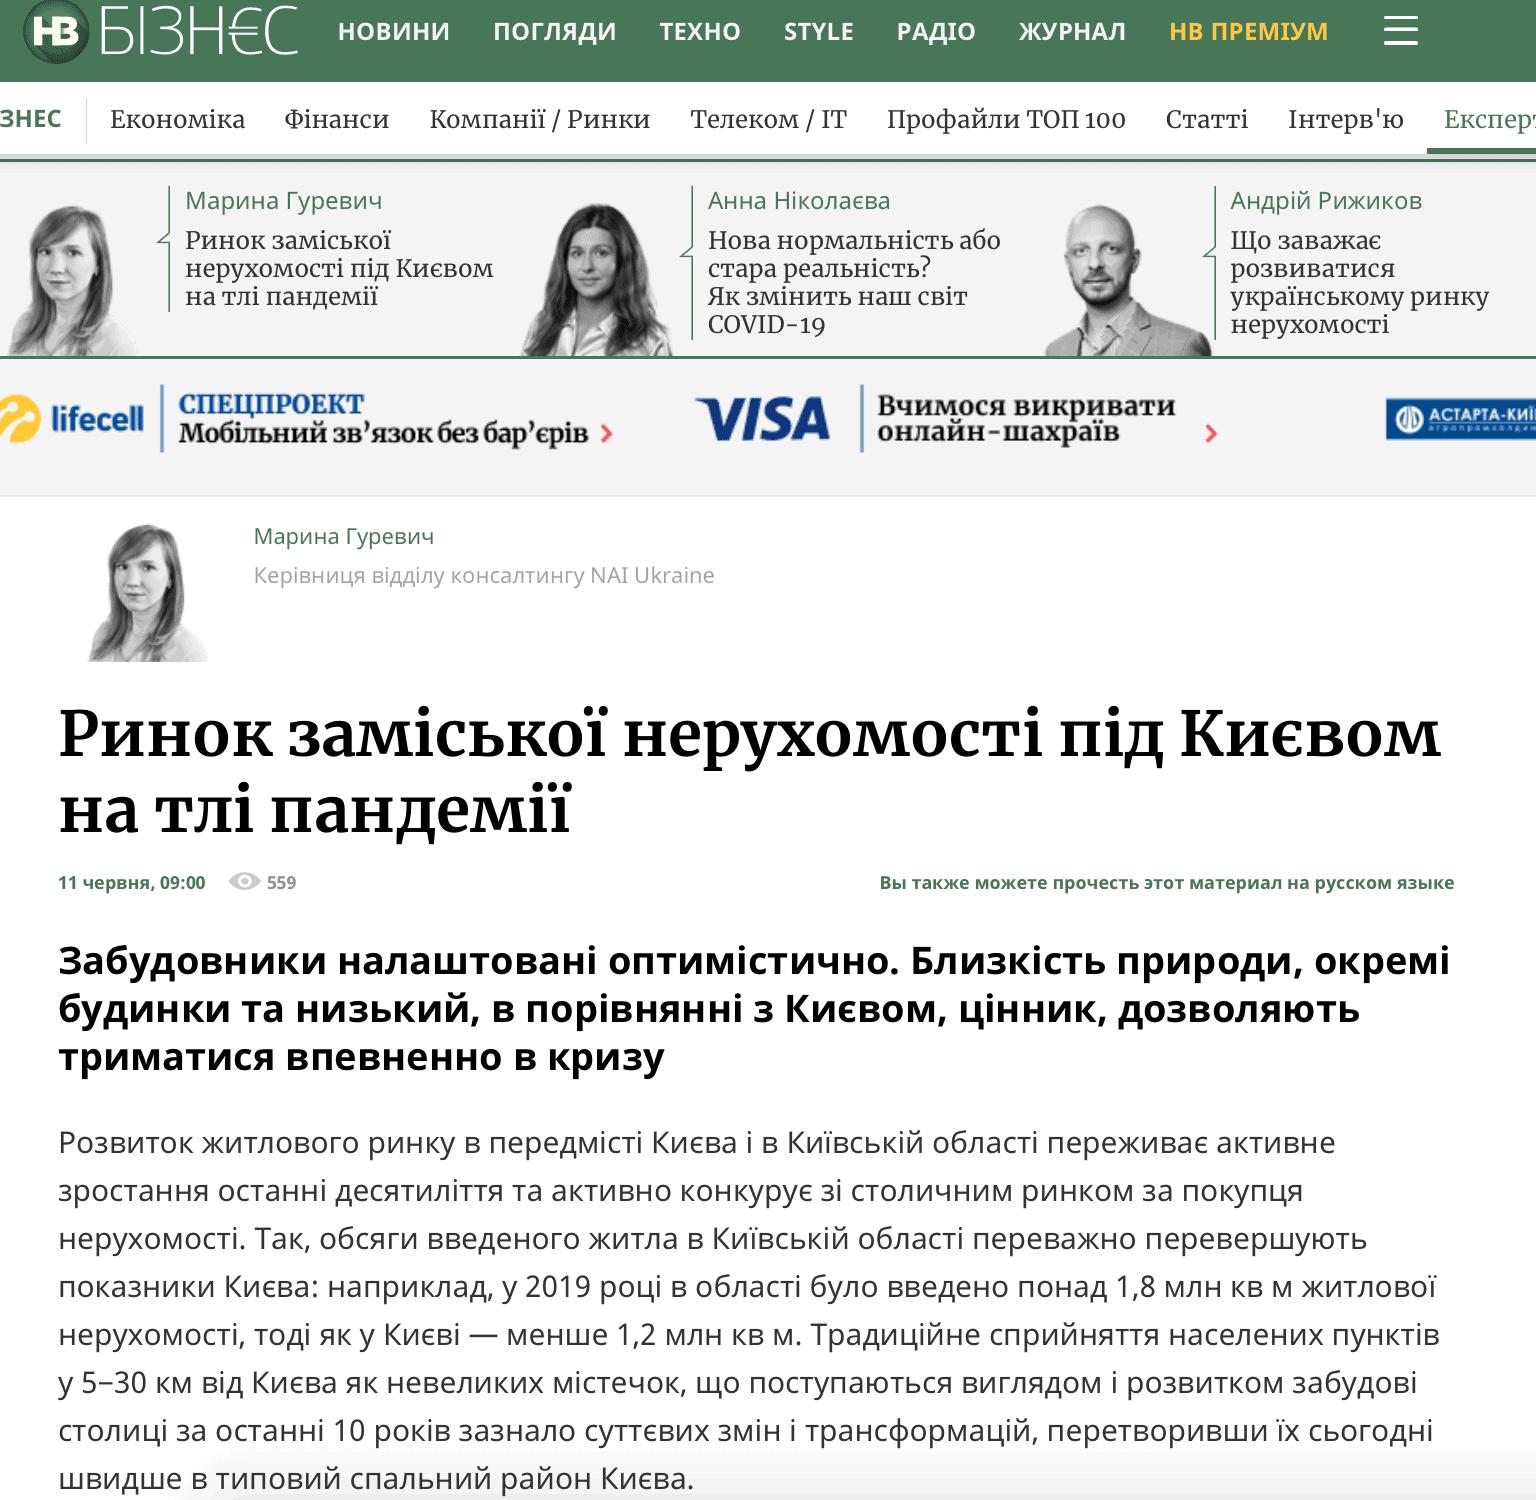 Рынок загородной недвижимости под Киевом на фоне пандемии